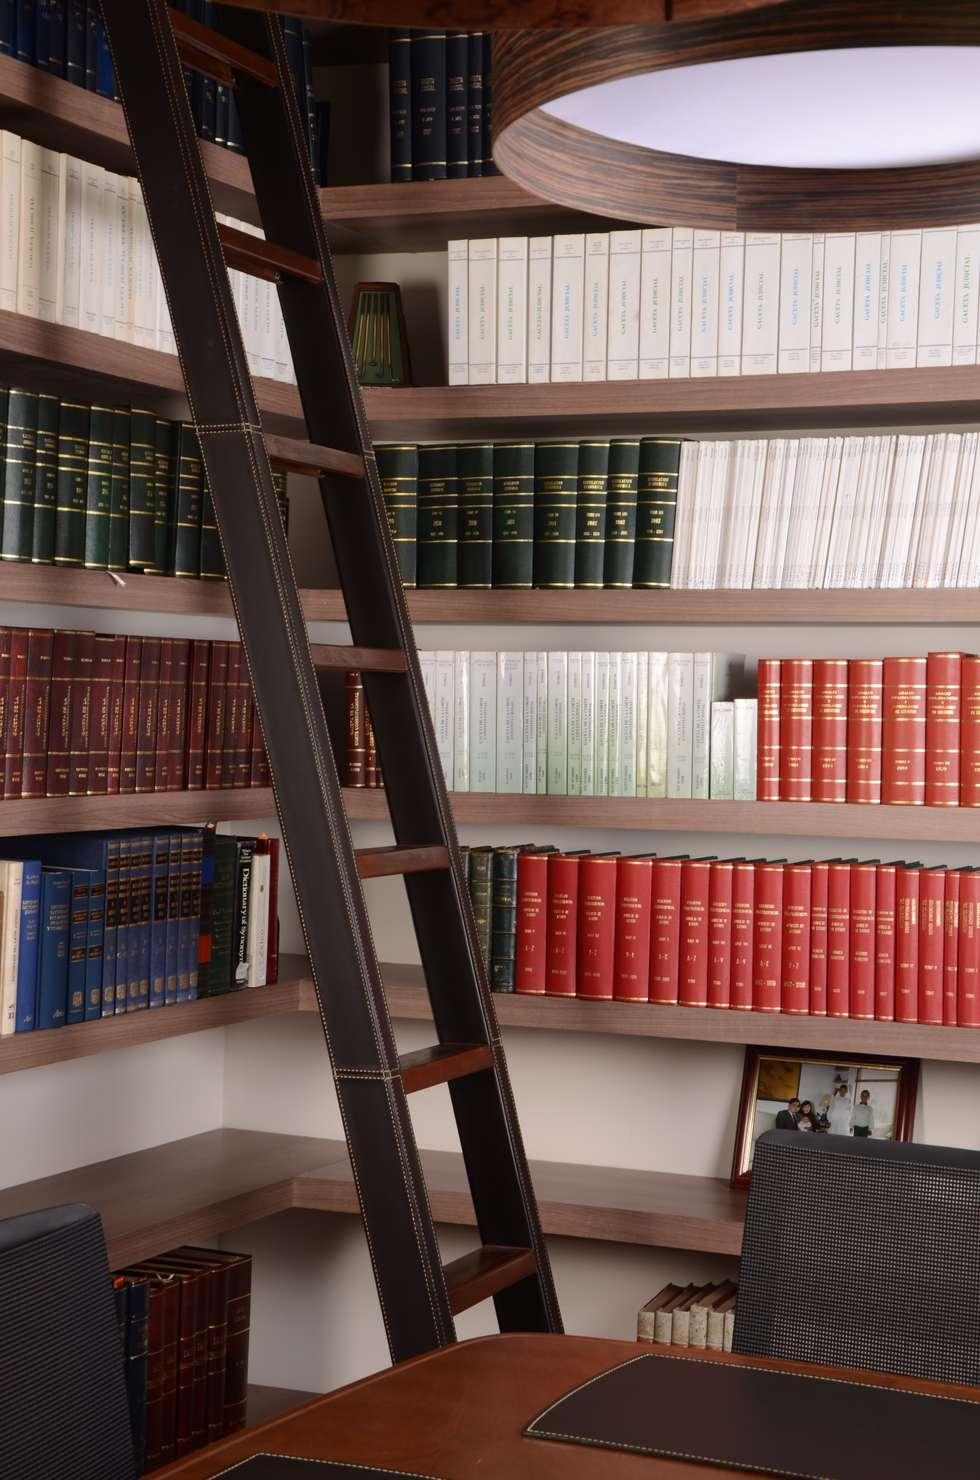 Escalera recubierta en cuero.: Estudios y despachos de estilo moderno por Justiniano Alfonso